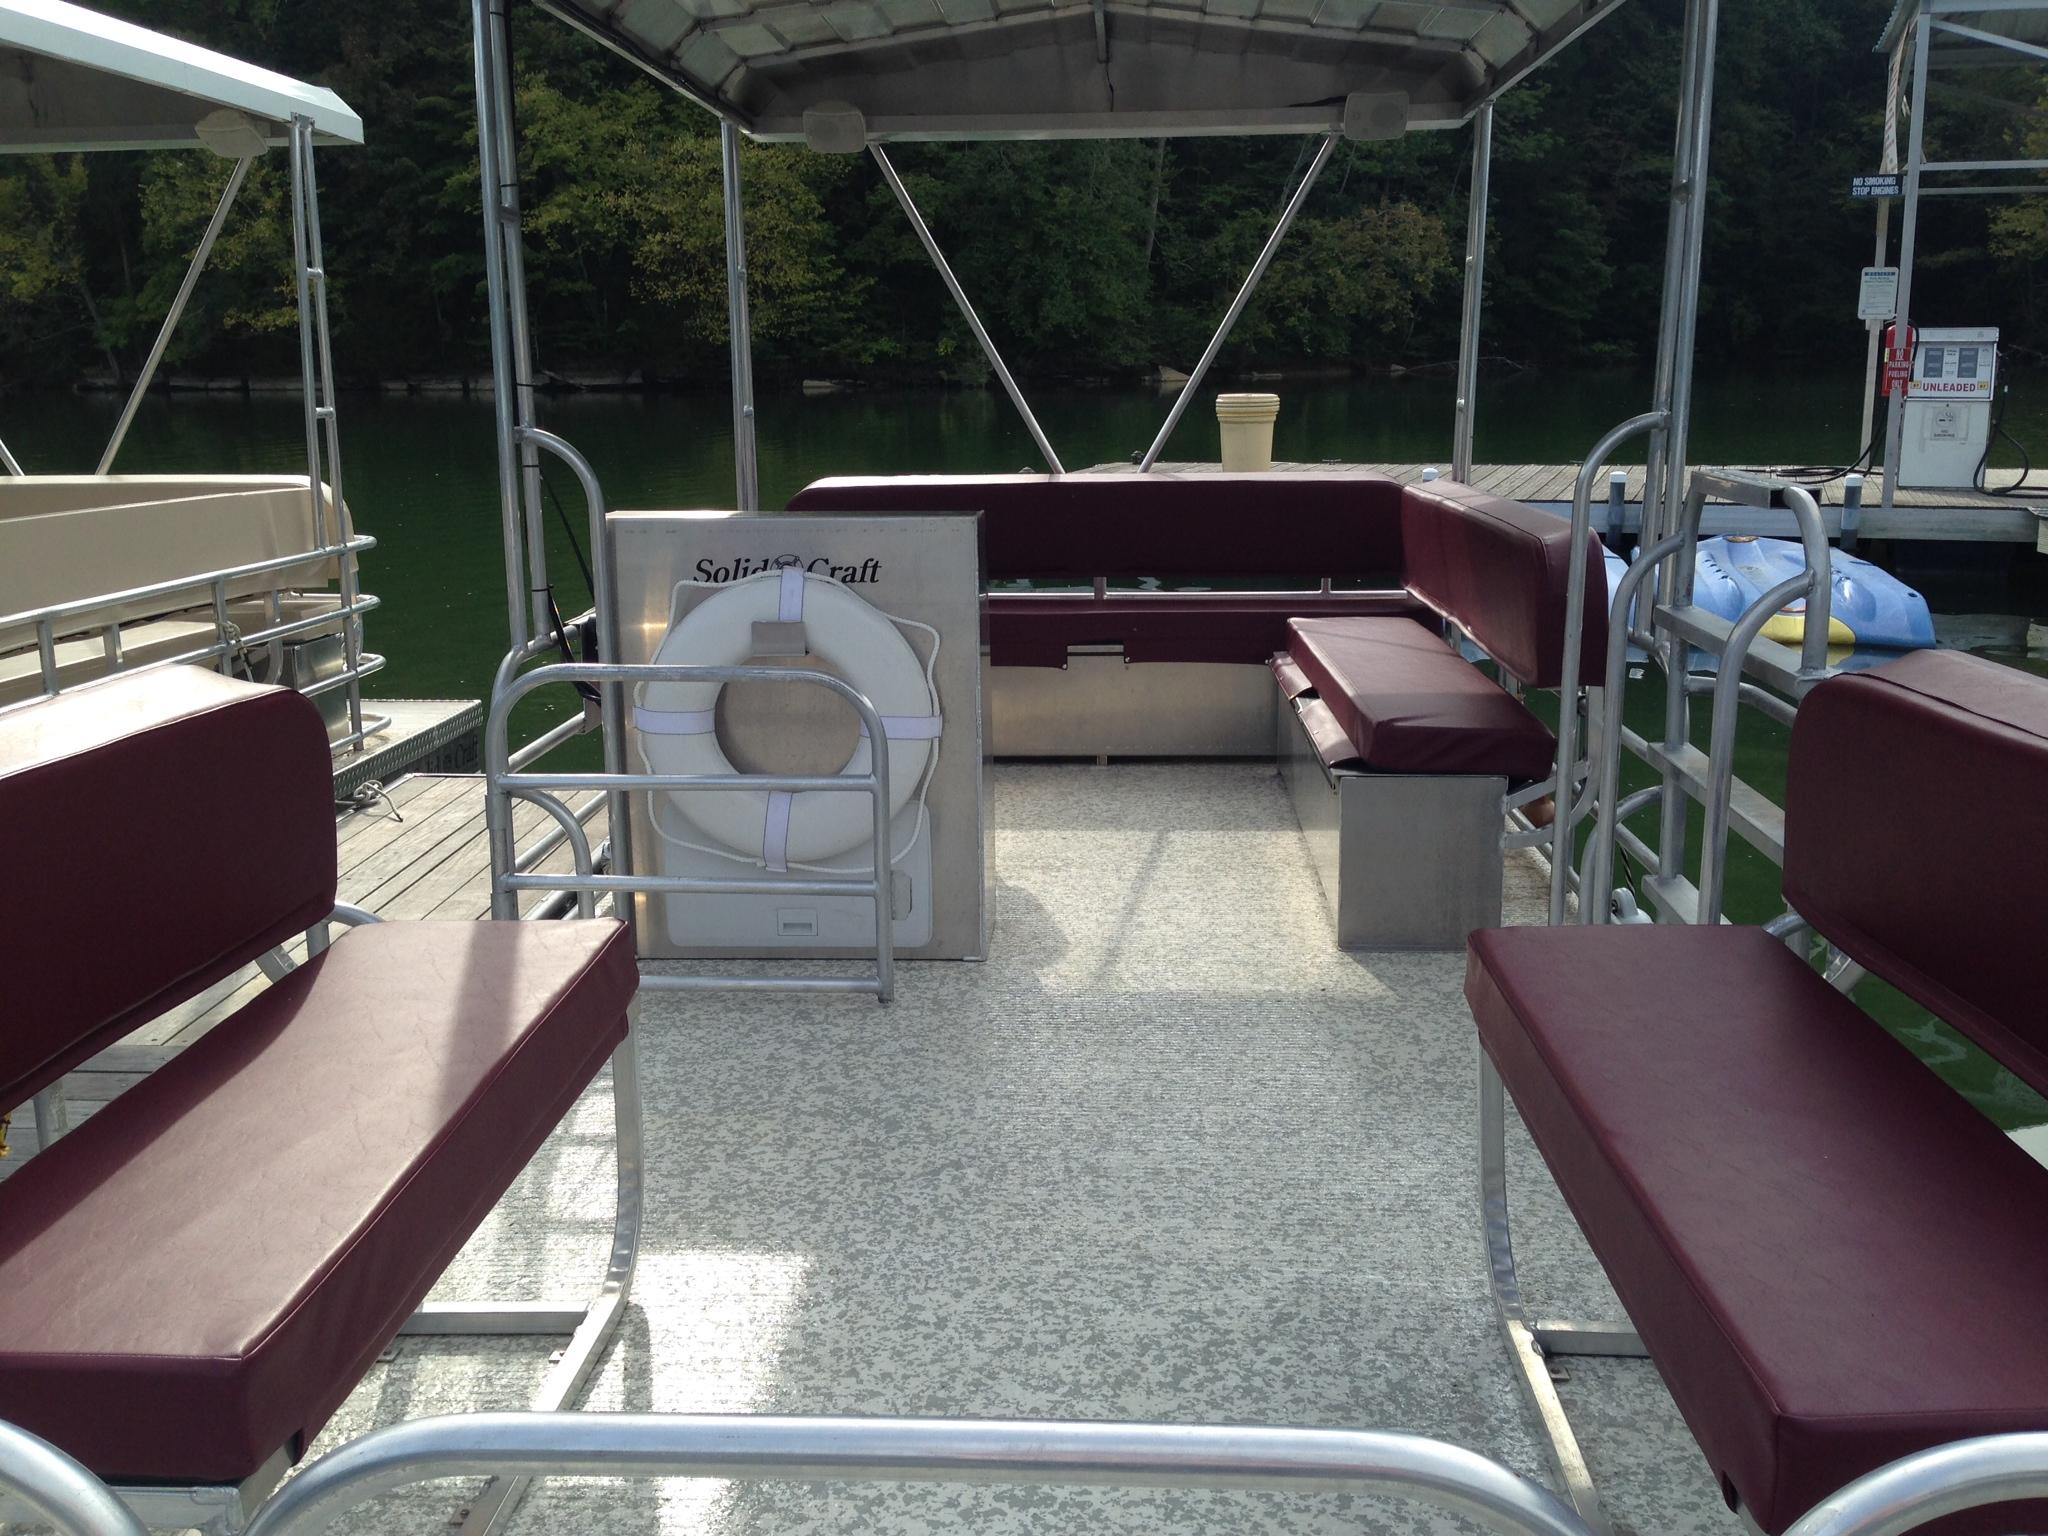 Boat Rentals Holiday Landing Marina Tims Ford Lake